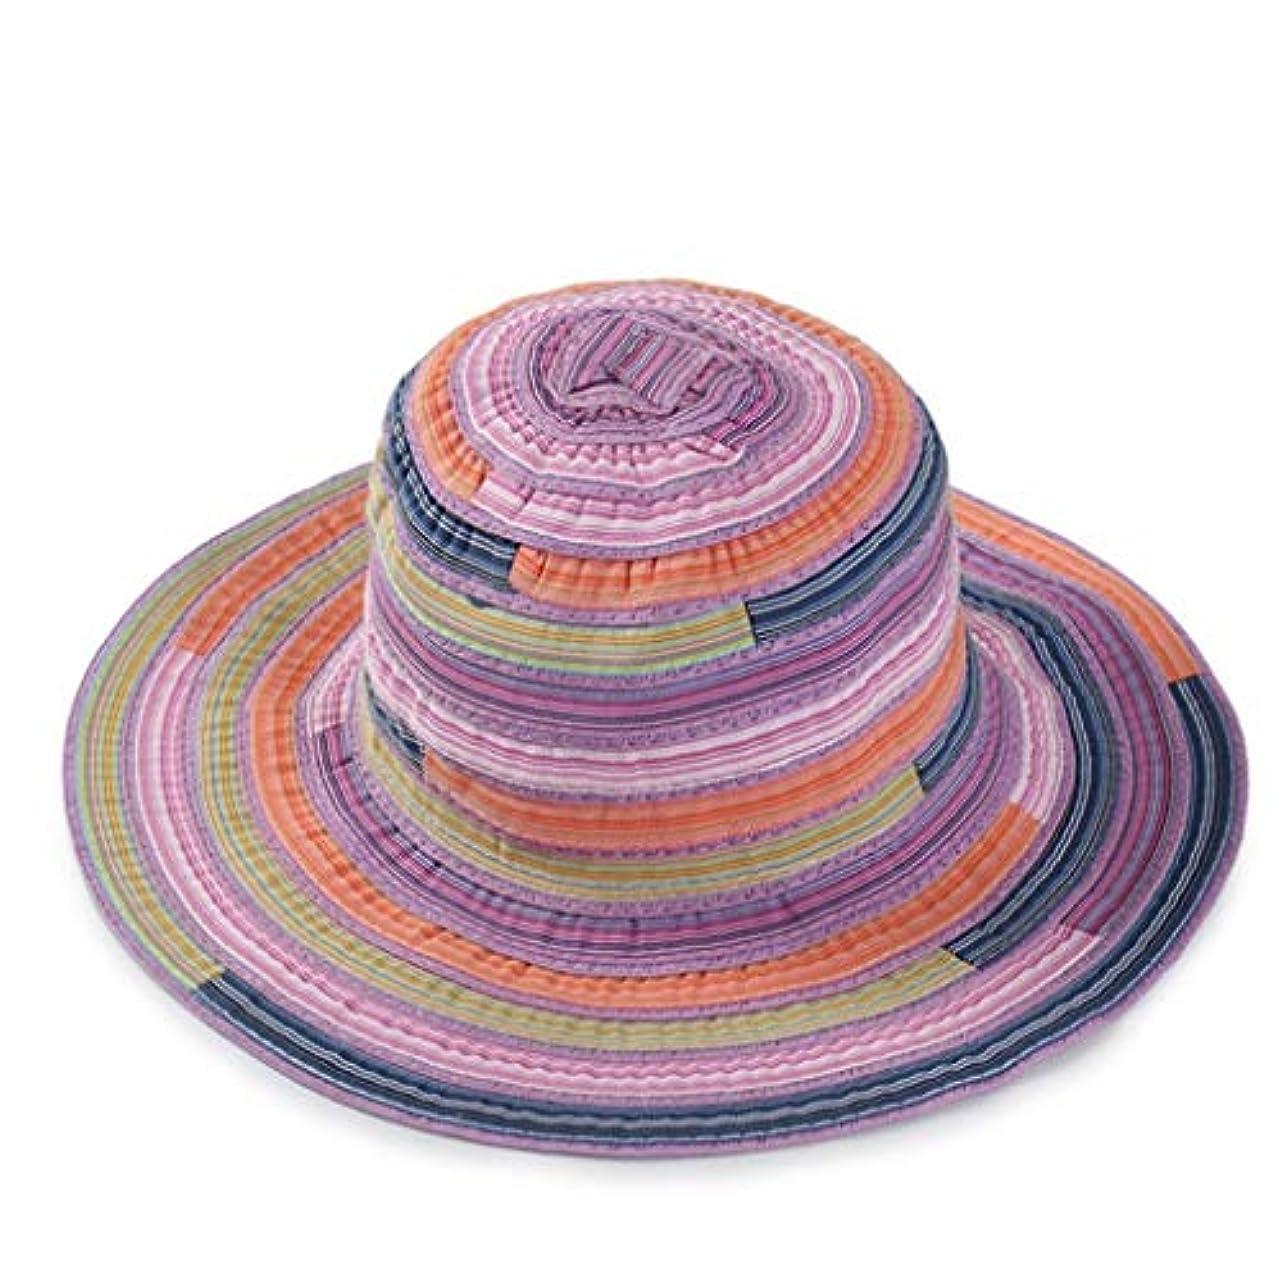 判読できないつぶやきパイルUVカット 帽子 レディース ハット 旅行用 日よけ 夏季 日焼け 折りたたみ 持ち運び つば広 リボン付き 調節テープ ストライプ 柄 キャップ 通気性抜群 日除け UVカット 紫外線対策 ROSE ROMAN